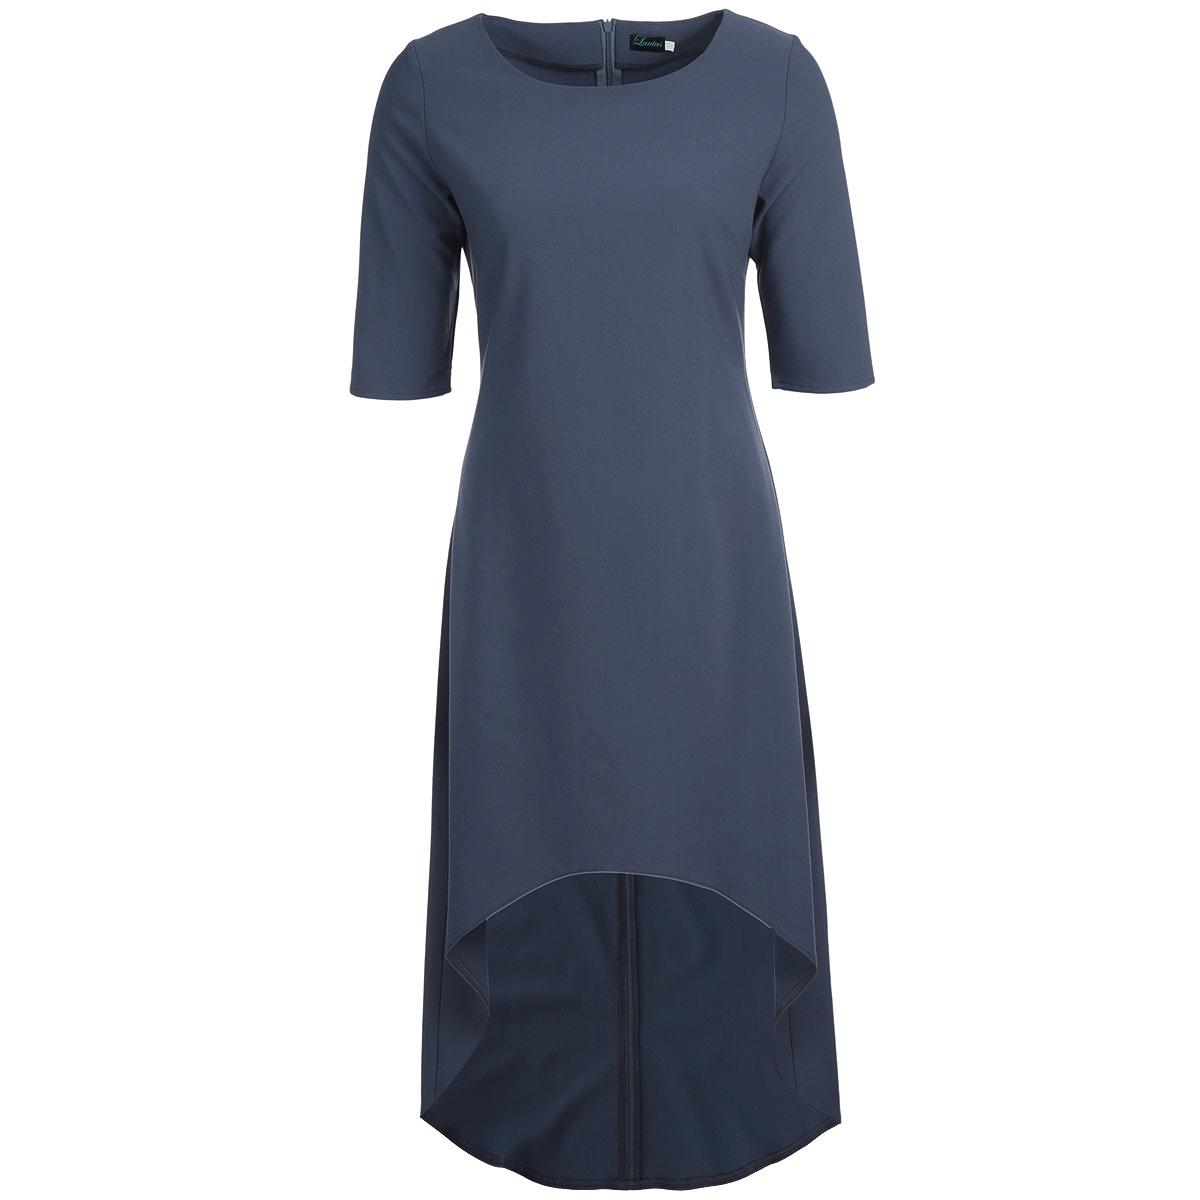 640Элегантное платье Lautus изготовлено из плотного материала лаконичного цвета. Платье макси длины с круглым вырезом горловины и рукавами до локтя имеет асимметричную линию подола. На спинке изделие застегивается на потайную молнию. Необычный дизайн модели позволит вам выглядеть стильно и неординарно. Платье лаконичного цвета позволяет дополнять образ всевозможными аксессуарами - шейными платками или яркой бижутерией. Идеальный вариант для создания эффектного образа.